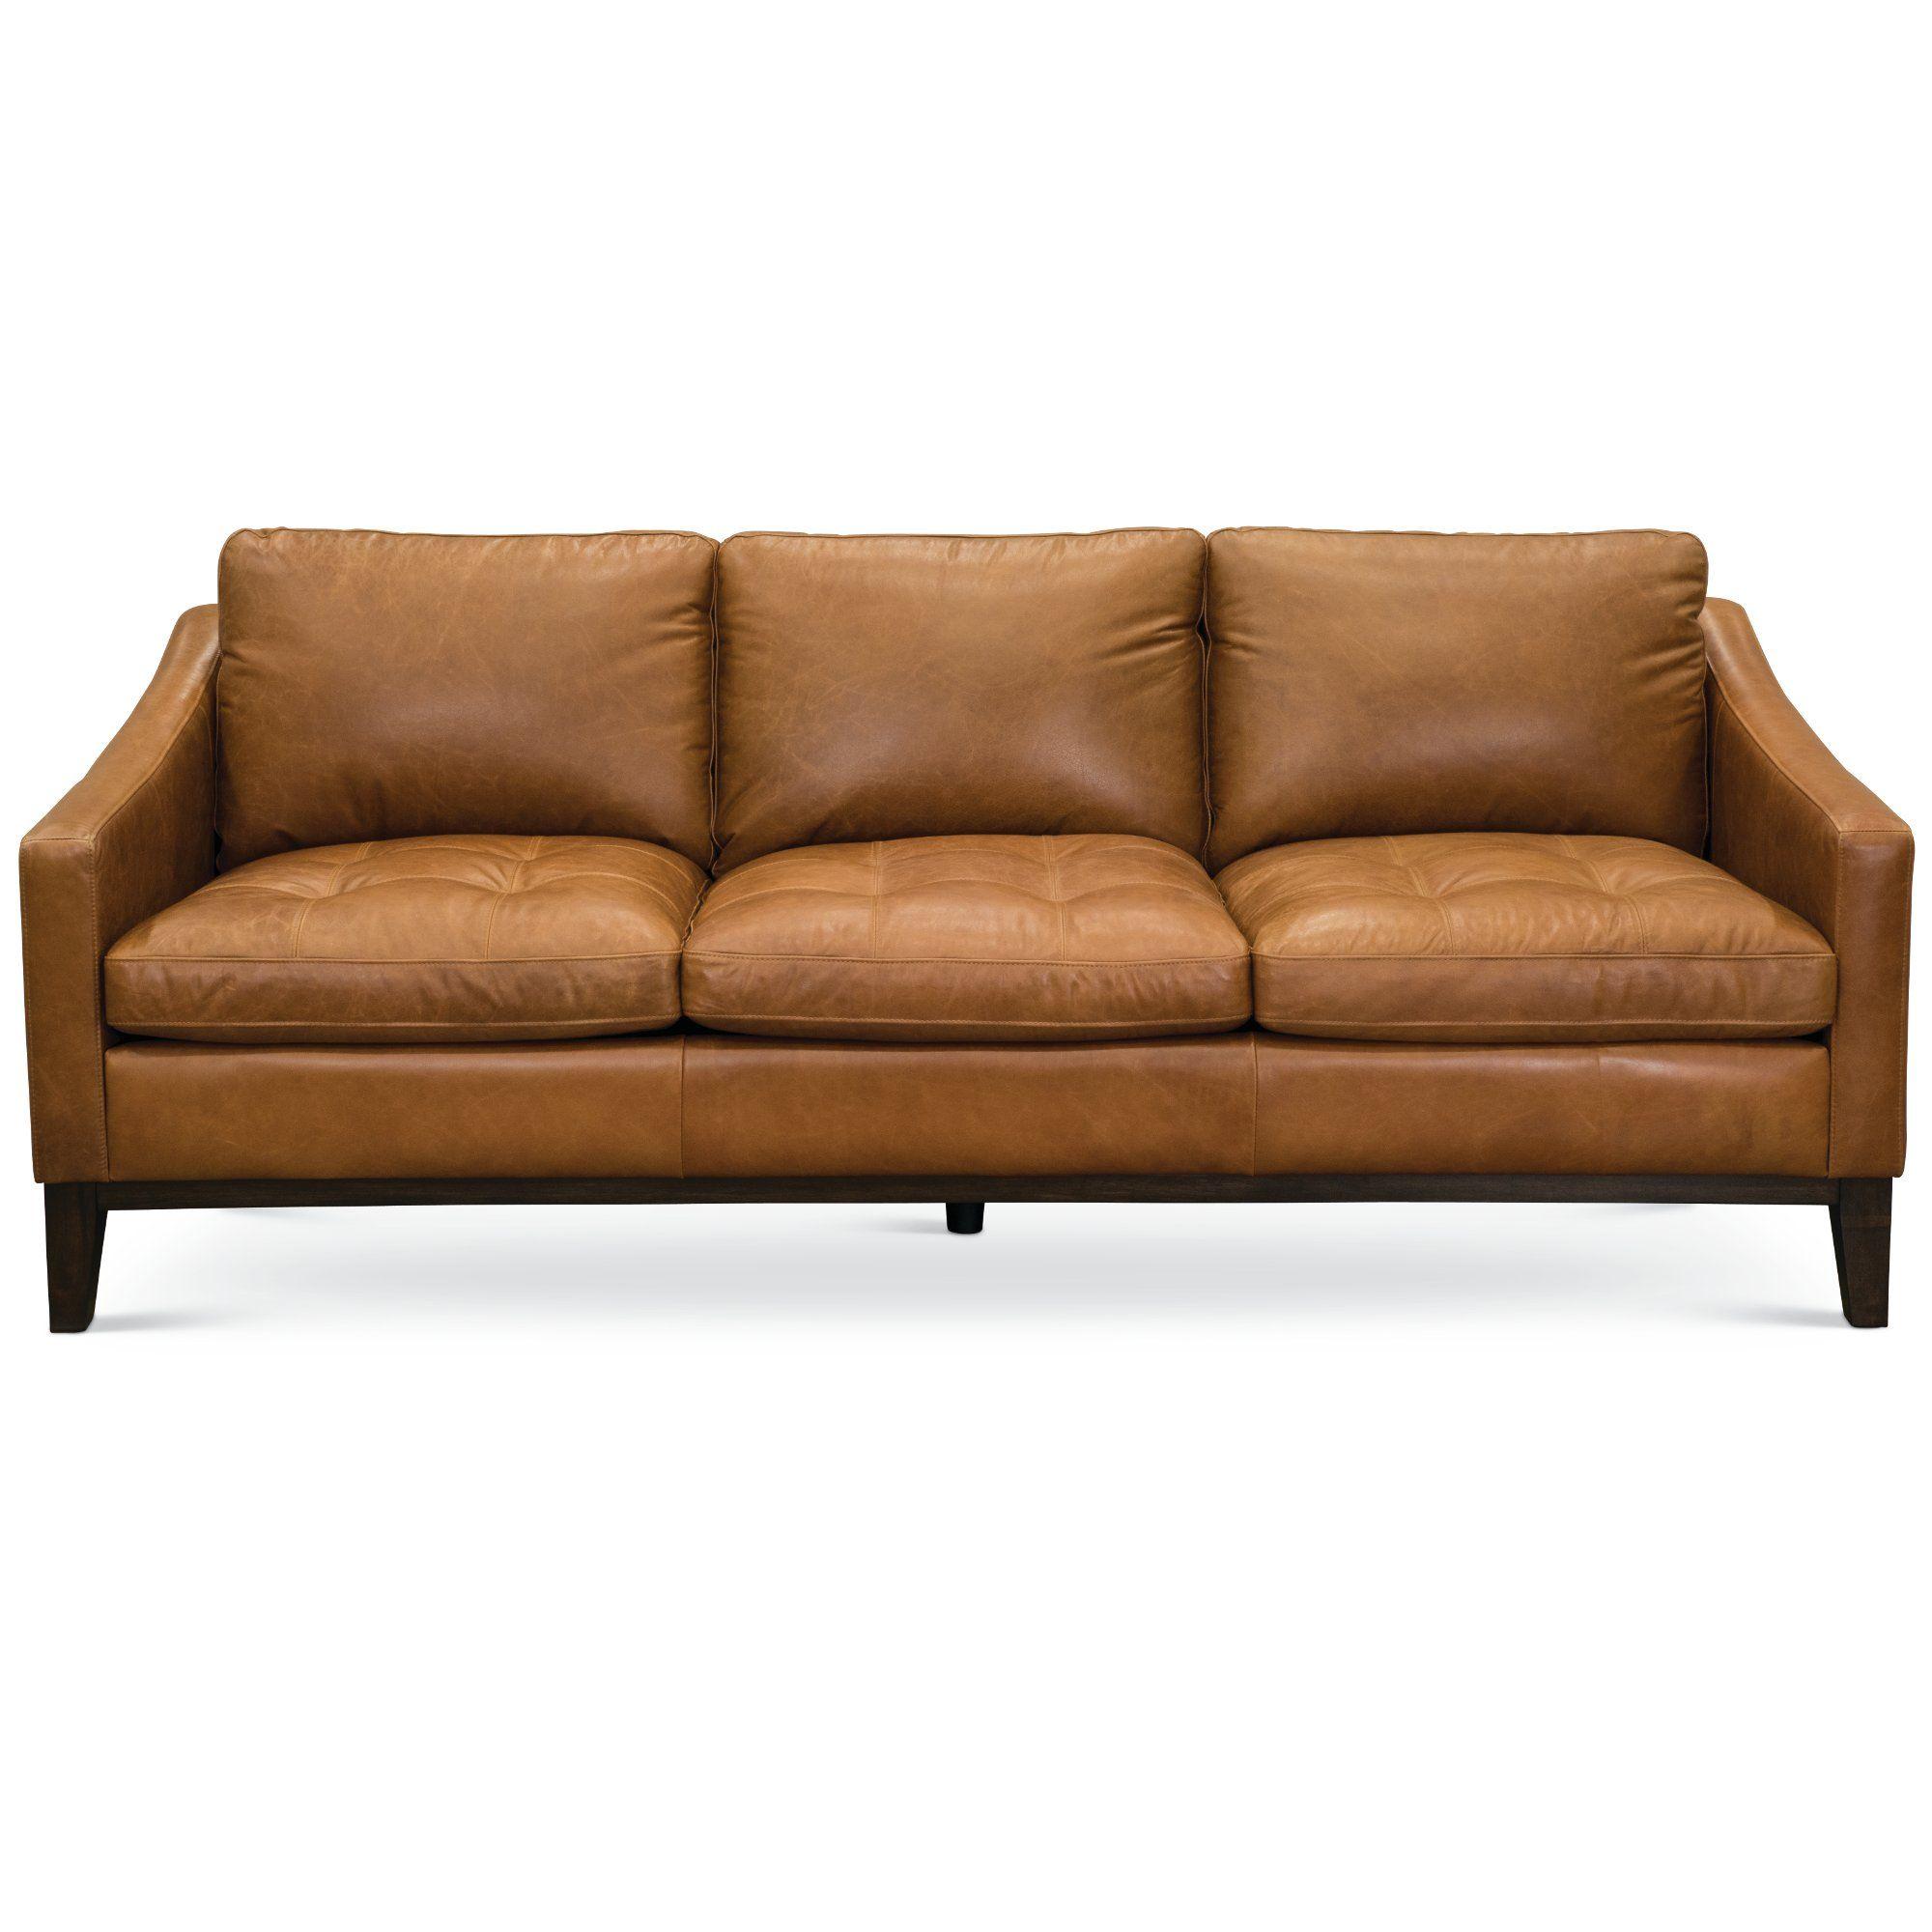 - Mid Century Modern Chestnut Brown Leather Sofa - Monza Brown